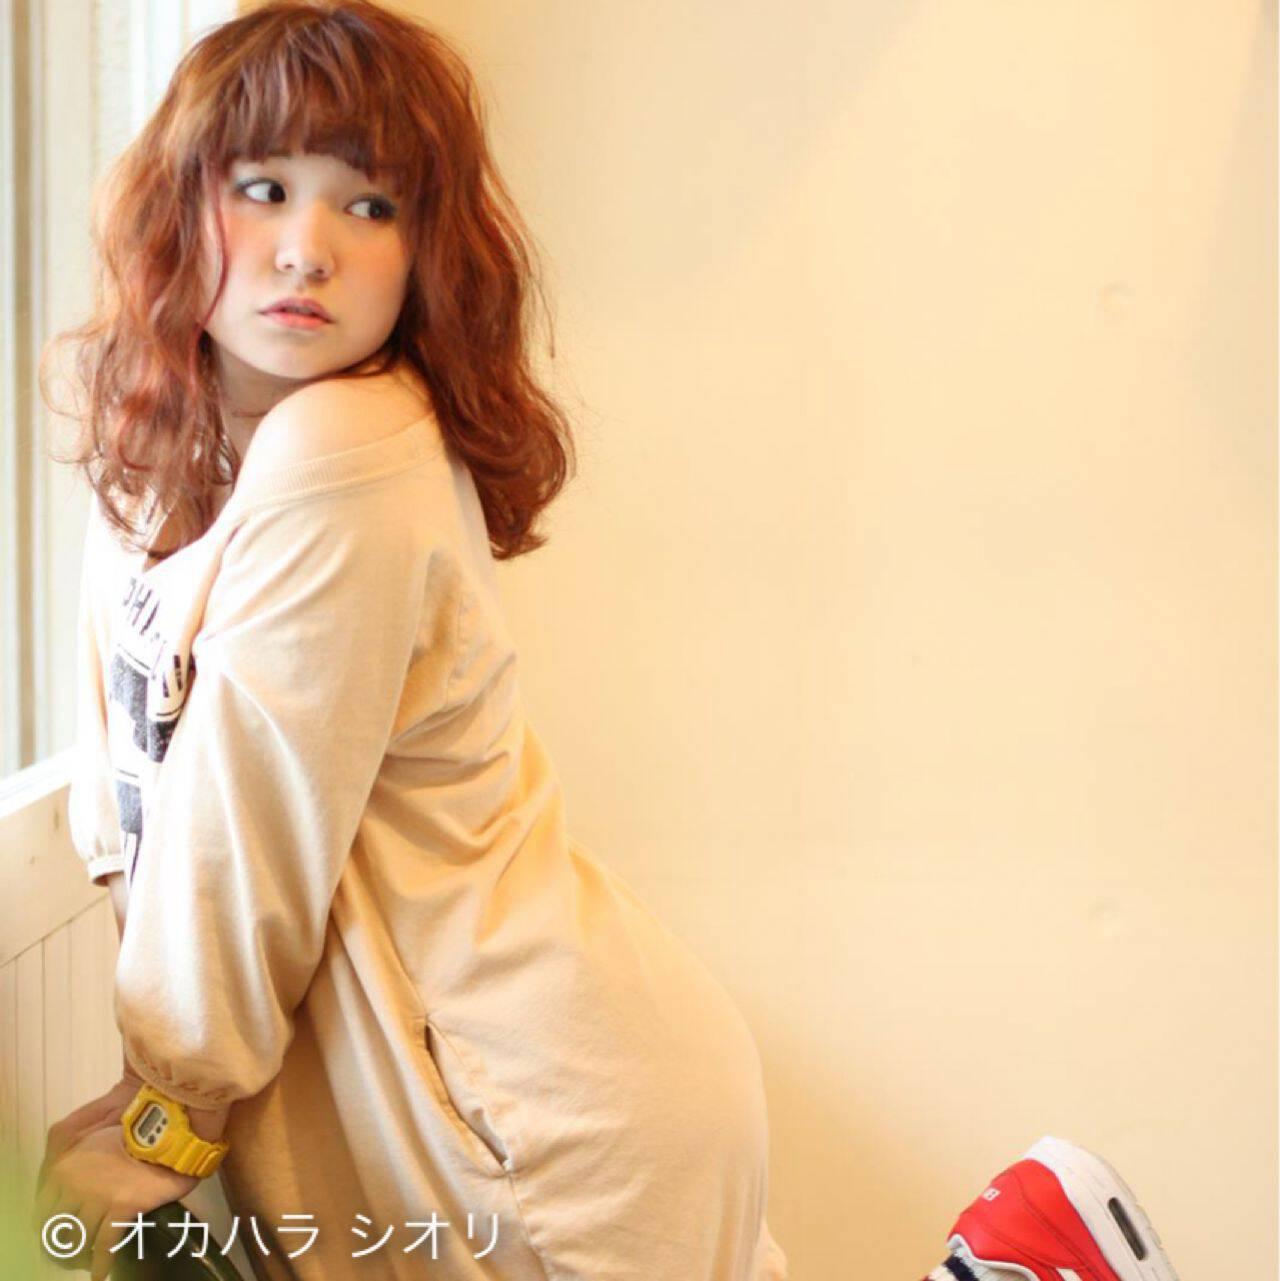 ミディアム オレンジベージュ オレンジ ピンクヘアスタイルや髪型の写真・画像